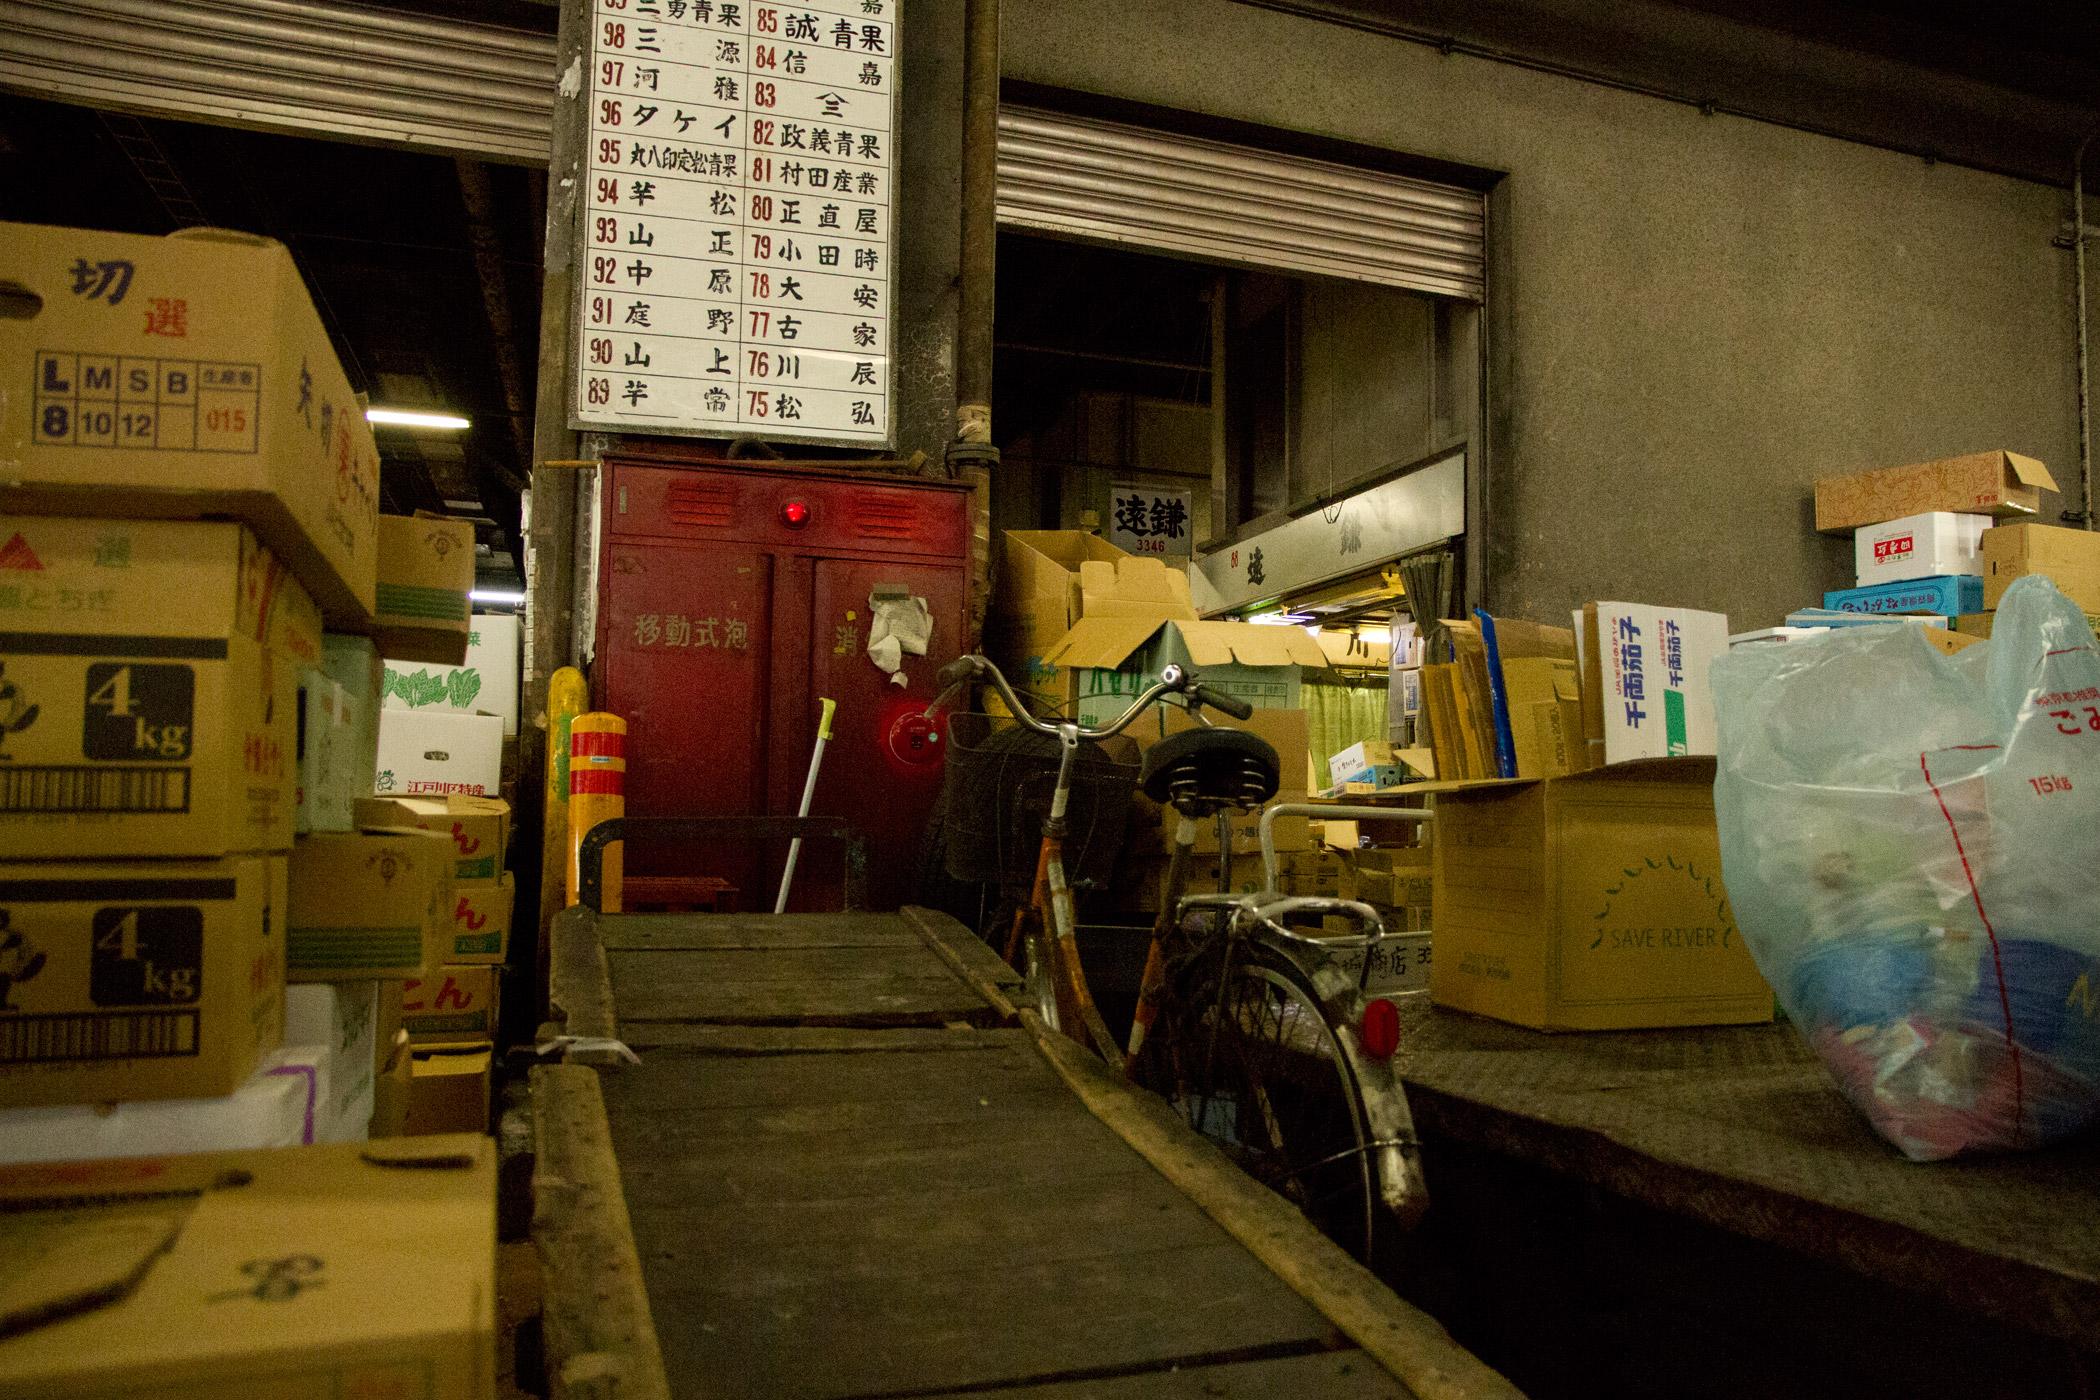 http://www.tokyo-date.net/machi_tsukiji/images/27.jpg